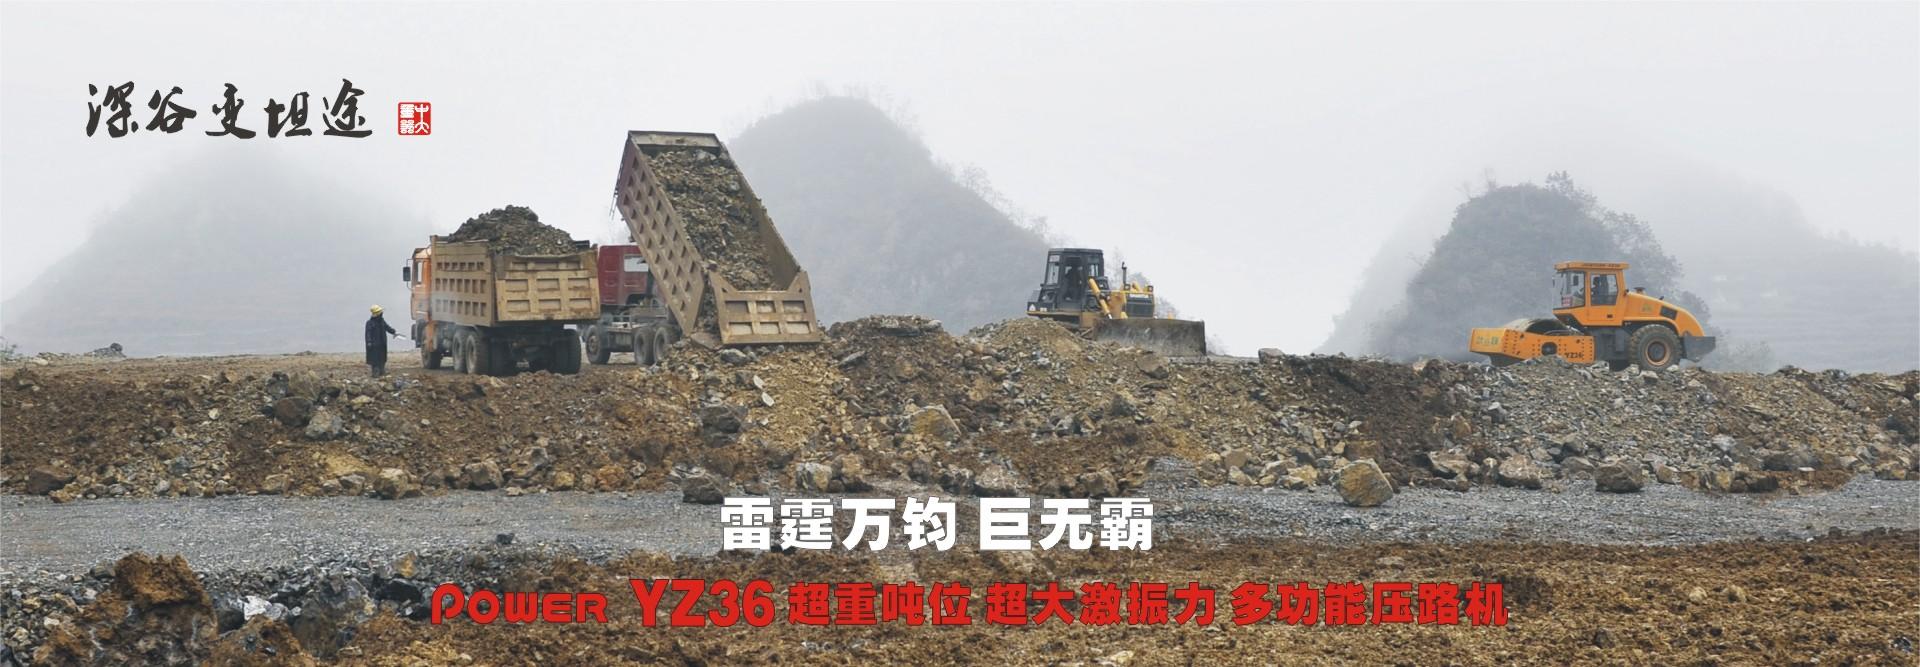 Power YZ36超重吨位 超大激振力压路机路基补强